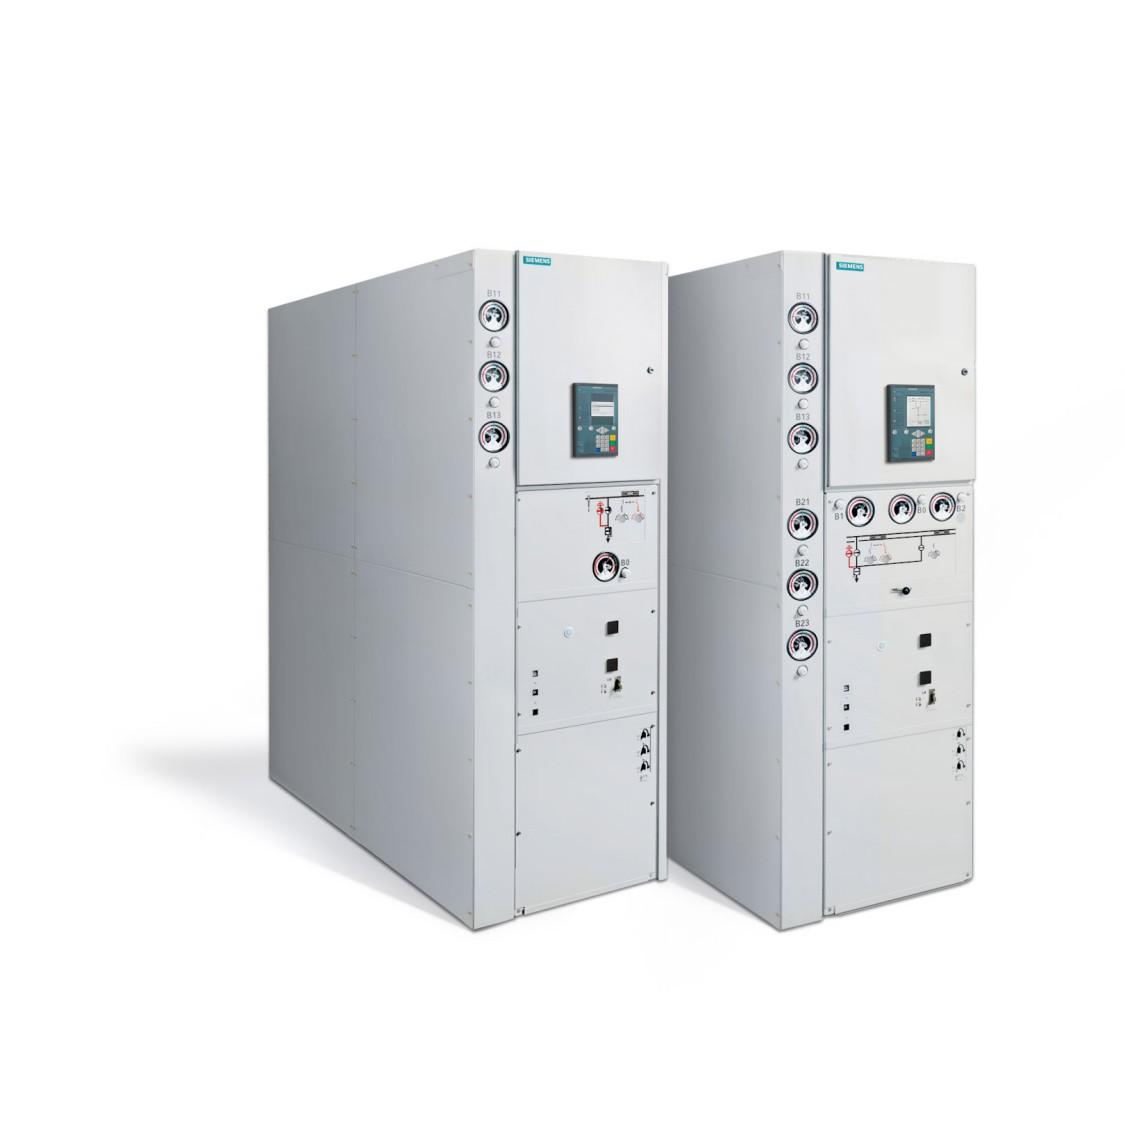 8DB10 Rozdzielnica średniego napięcia 40,5 kV w izolacji gazowej